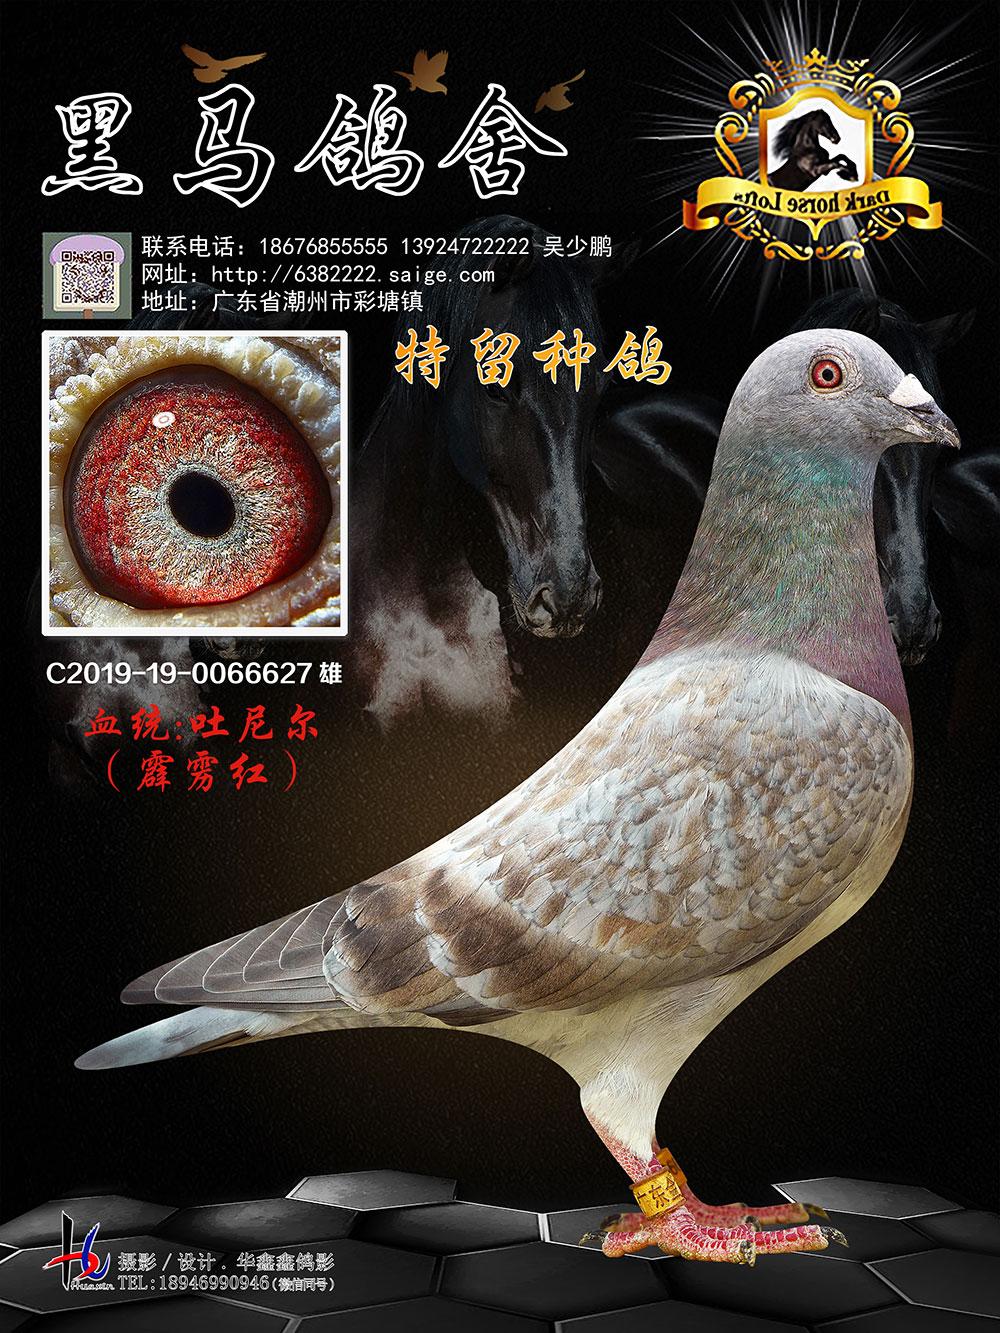 特留种鸽 吐尼尔 霹雳红 19-0066627